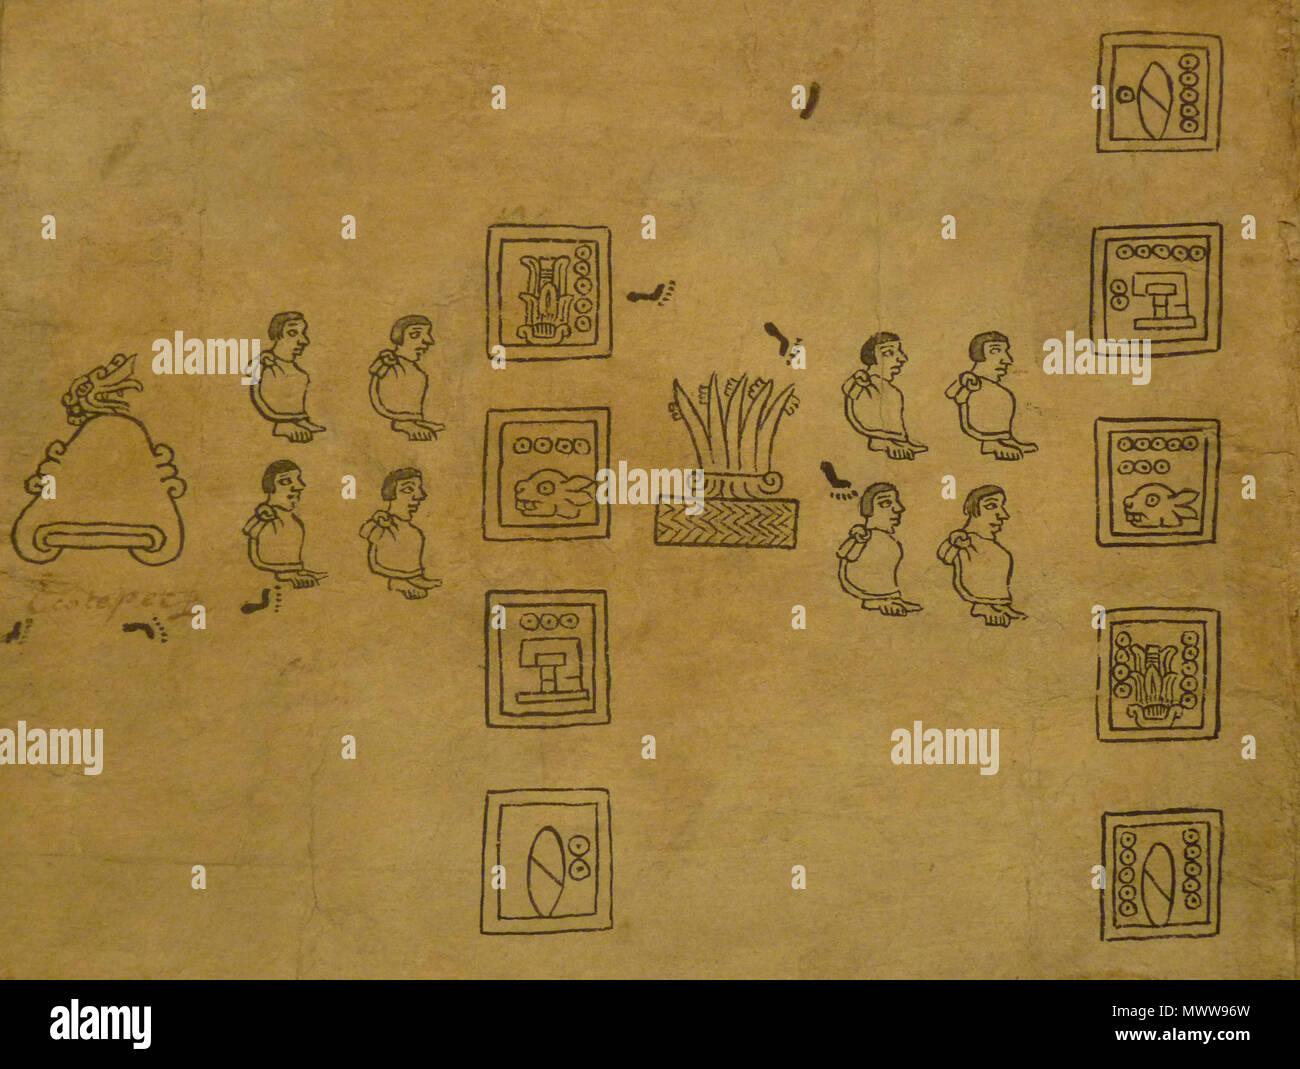 . Codex Boturini (also known as Tira de la peregrinación), folio 12 . First half of 16th century. Unknown (codex) - El Comandante (photographer) 94 Boturini Codex (folio 12) - Stock Image